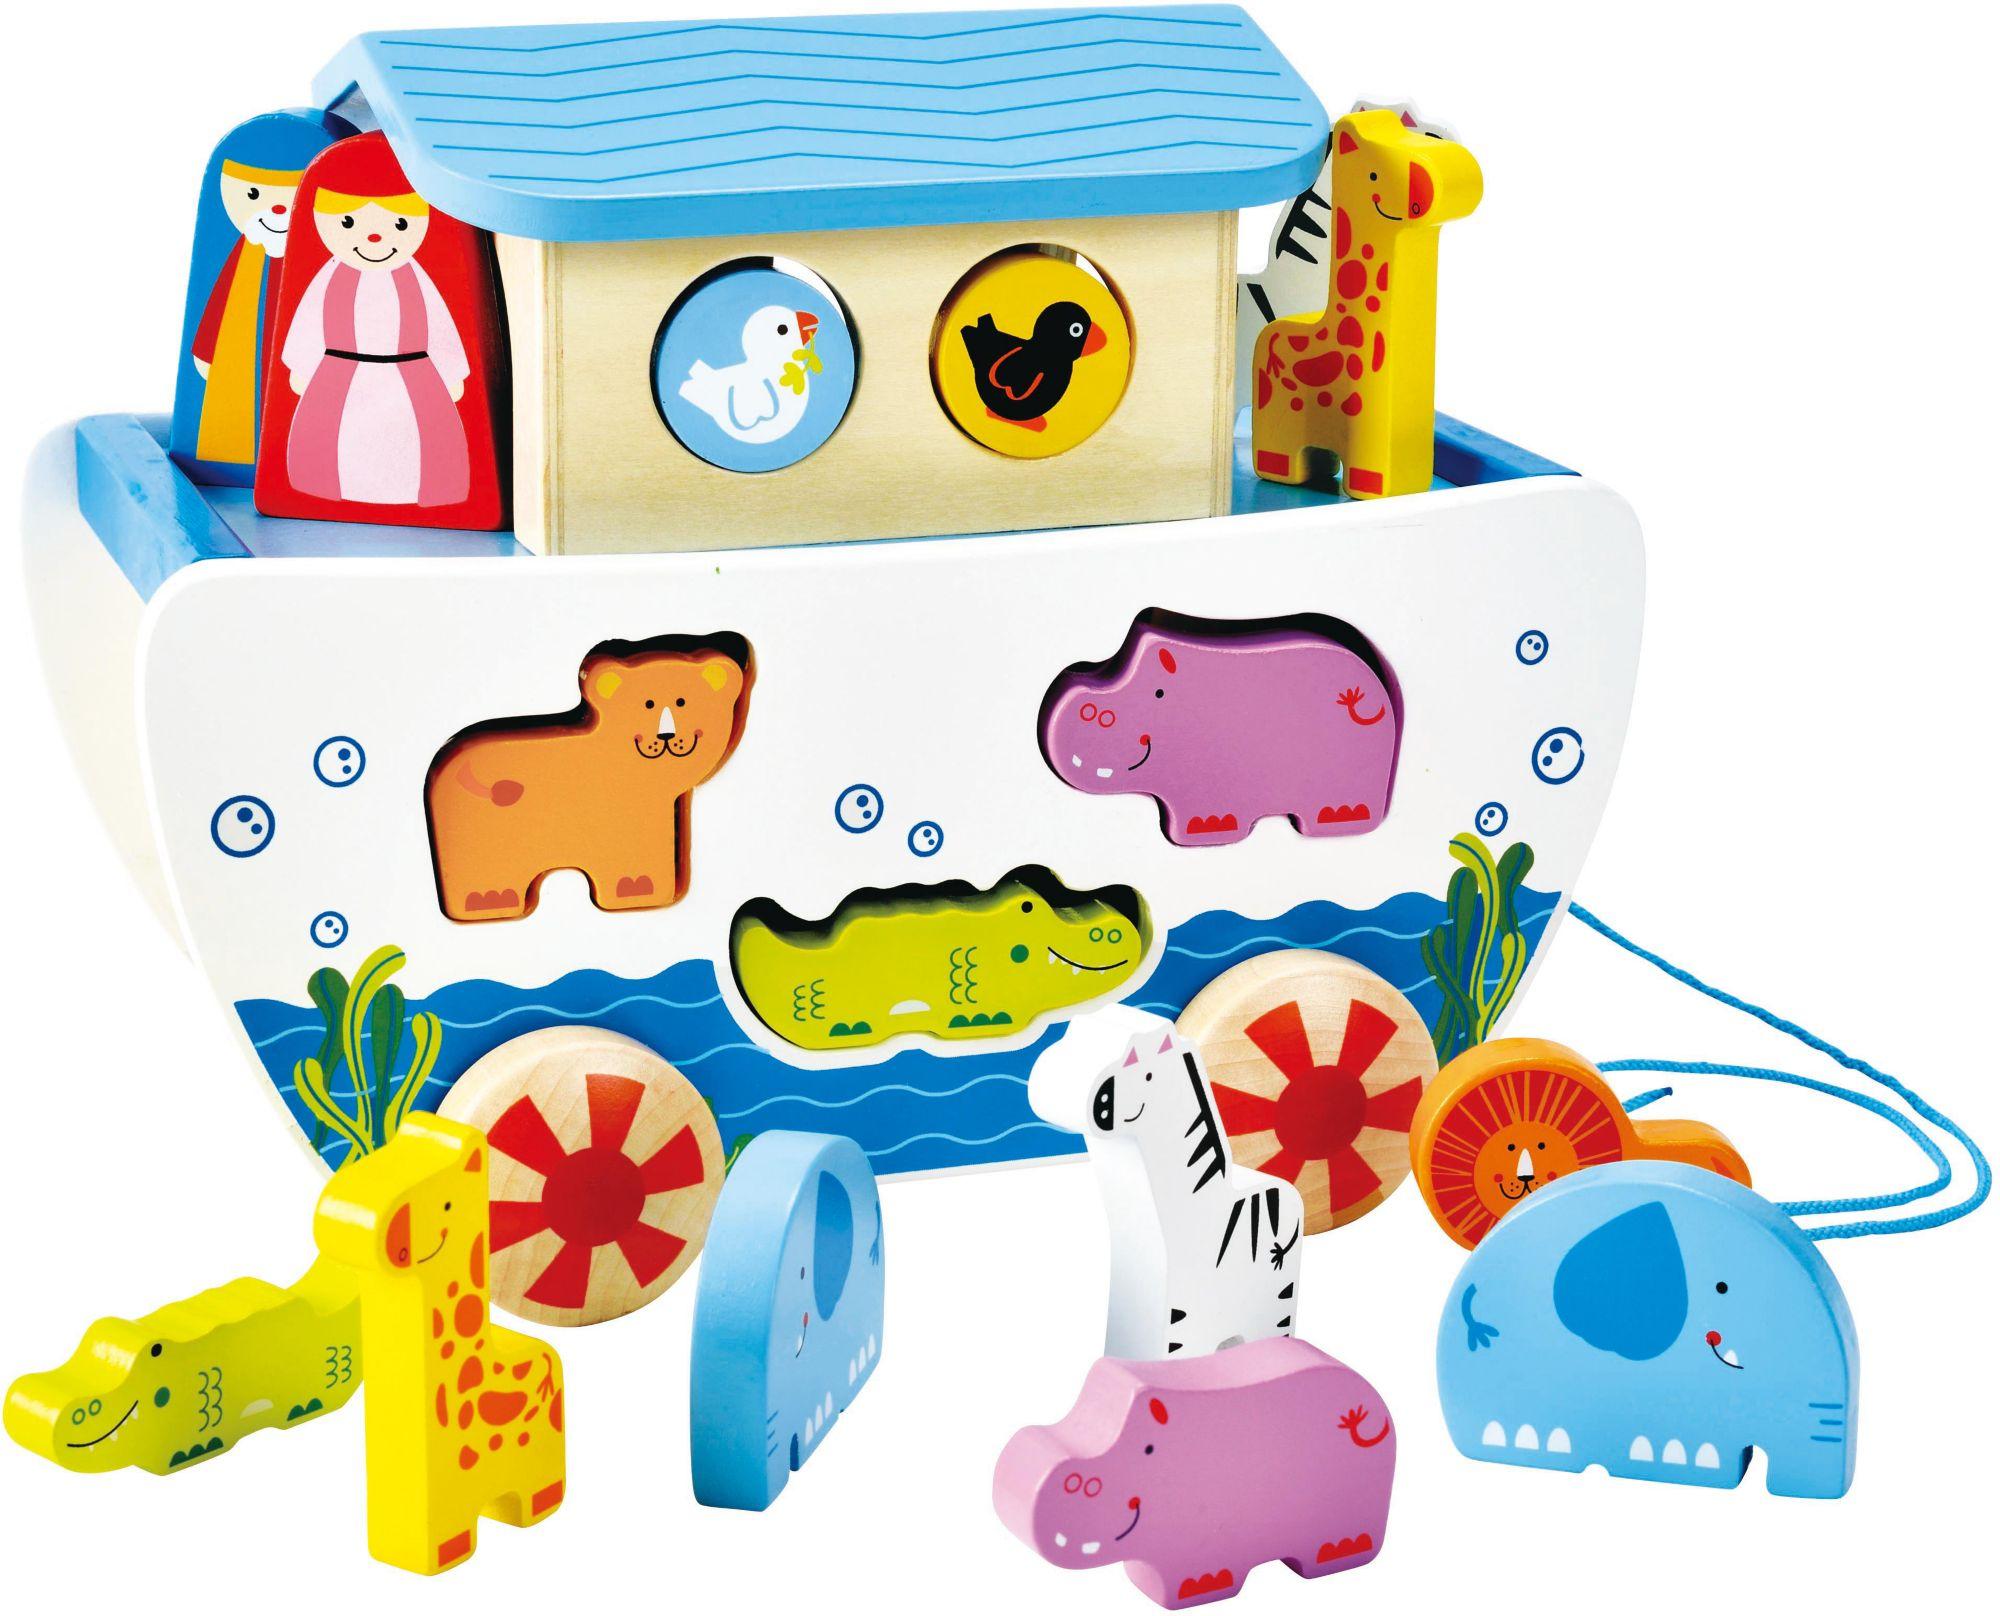 HAPE Hape Nachziehspielzeug mit Holztieren, »Nachzieh-Arche«